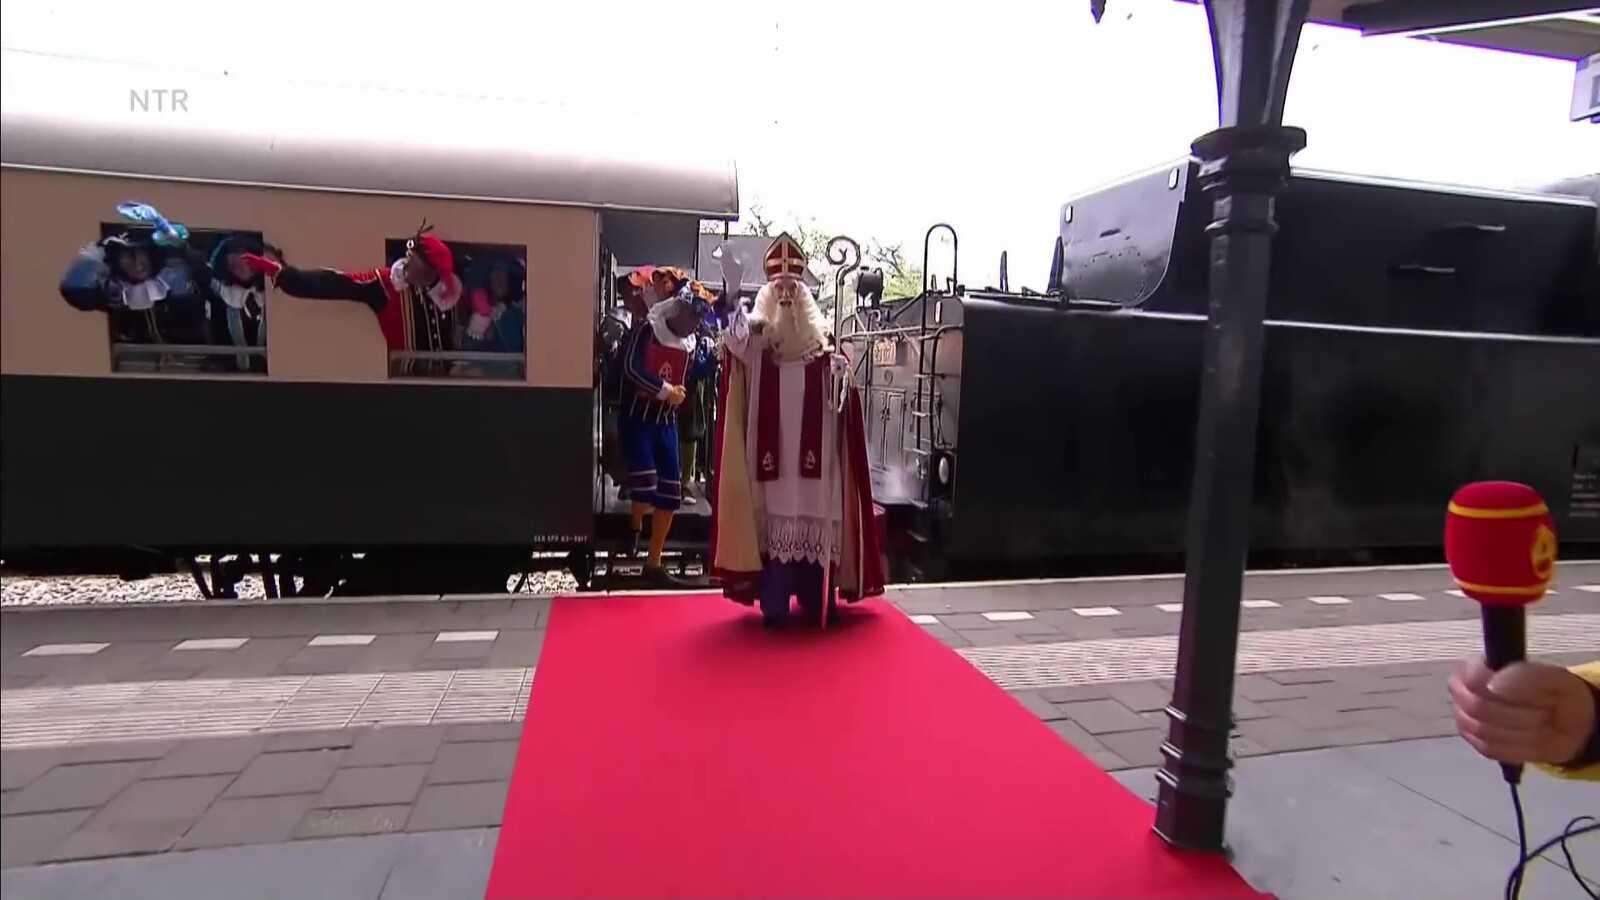 Прибытие Синтерклааса — на поезде. Кадр из видео NTR.